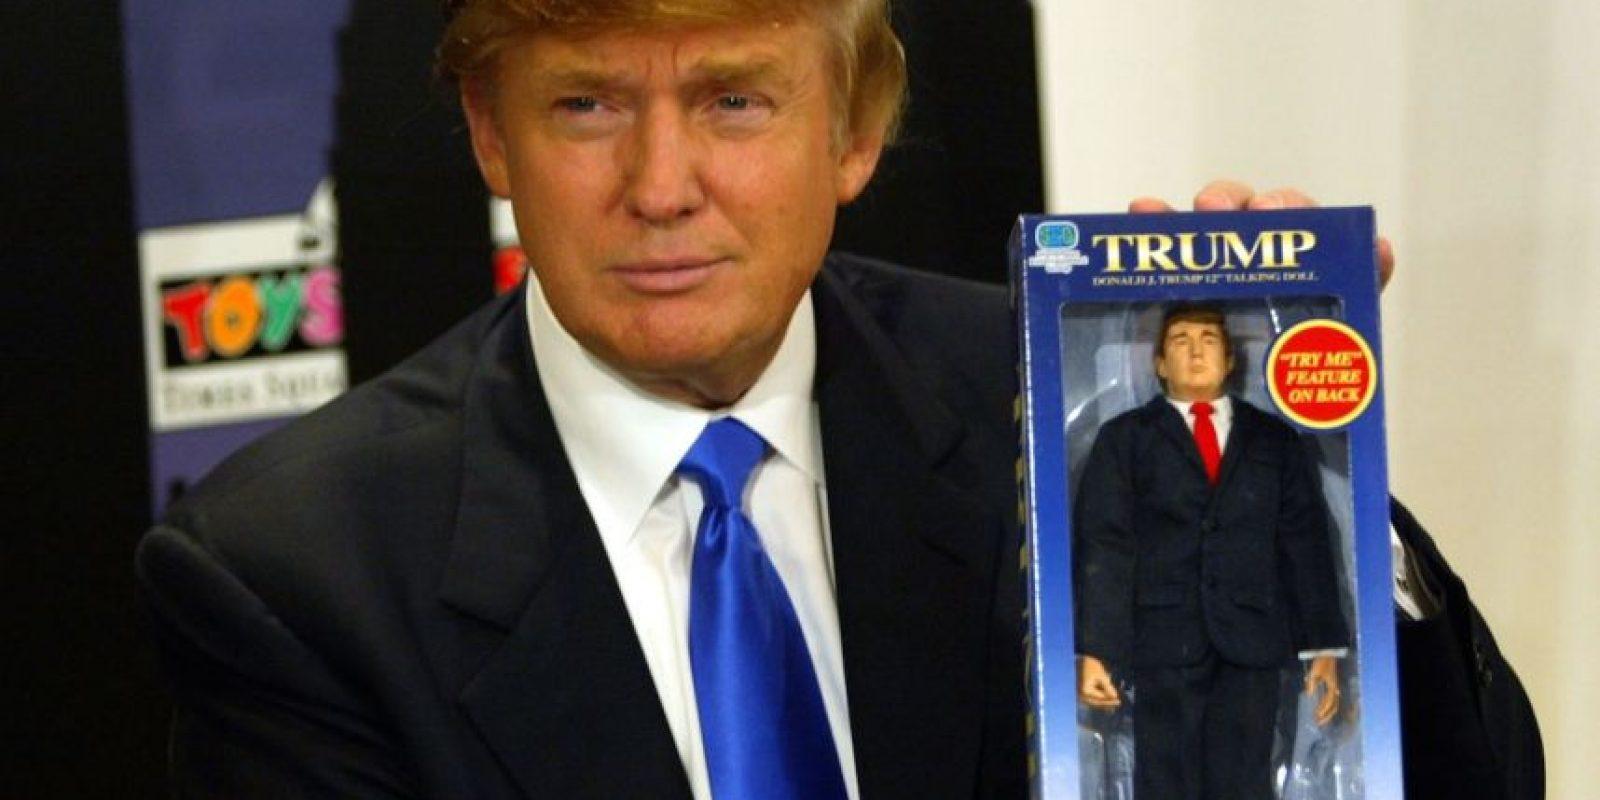 """Este sostuvo a """"CNN"""" que deportará a los 11 millones de migrantes que actualmente están en Estados Unidos sin un estatus legal. """"Los políticos no van a encontrarlos porque no tienen ni idea. Nosotros vamos a encontrarlos y los correremos"""", aseguró. Foto:Getty Images"""